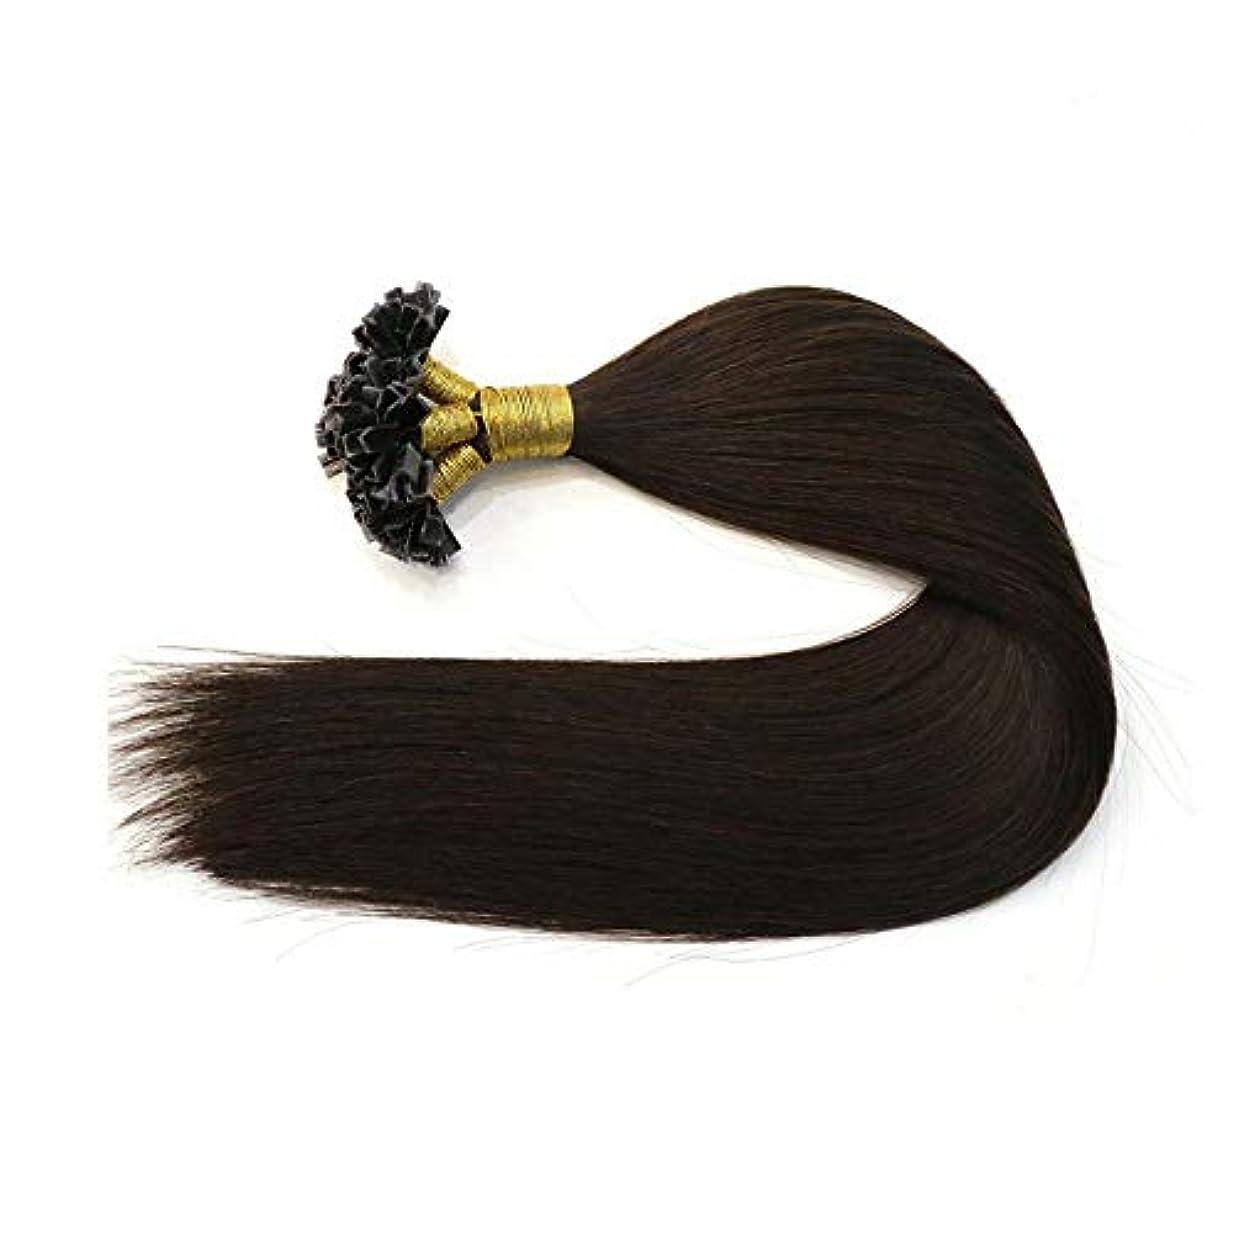 茎市場カレッジWASAIO ナチュラルヘアエクステンションクリップ裏地なし髪型ブラックFusionの人間の髪の拡張機能レミーブラジルの髪の連続 (色 : 黒, サイズ : 14 inch)